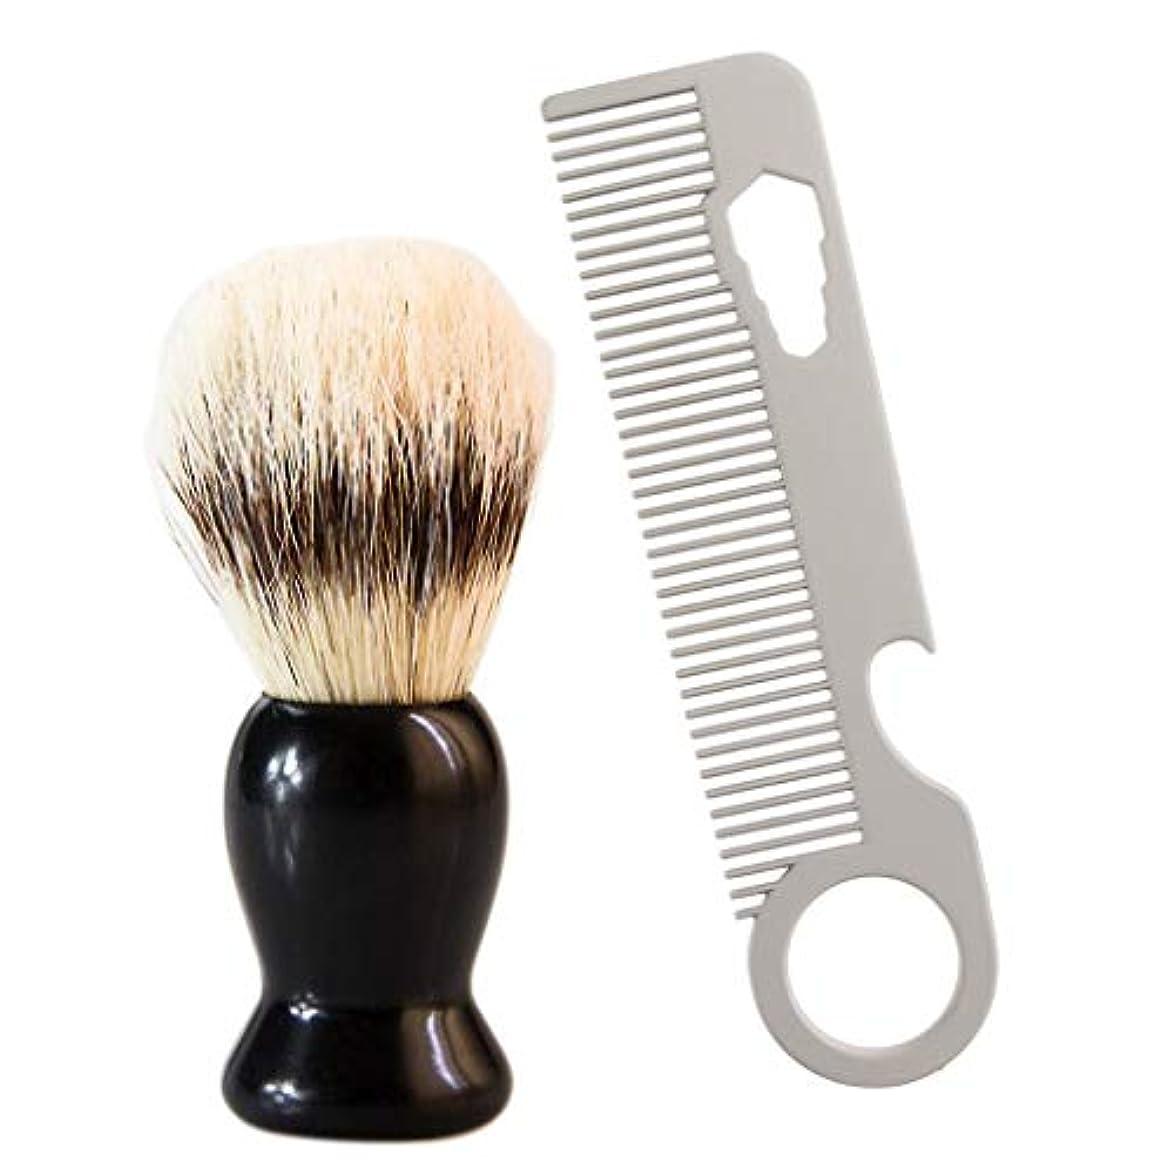 聖職者採用するマスタードFLAMEER メンズ シェービングブラシ サロン 髭剃り ステンレス ひげ剃り櫛 ビアードコーム 使いやすい 高級